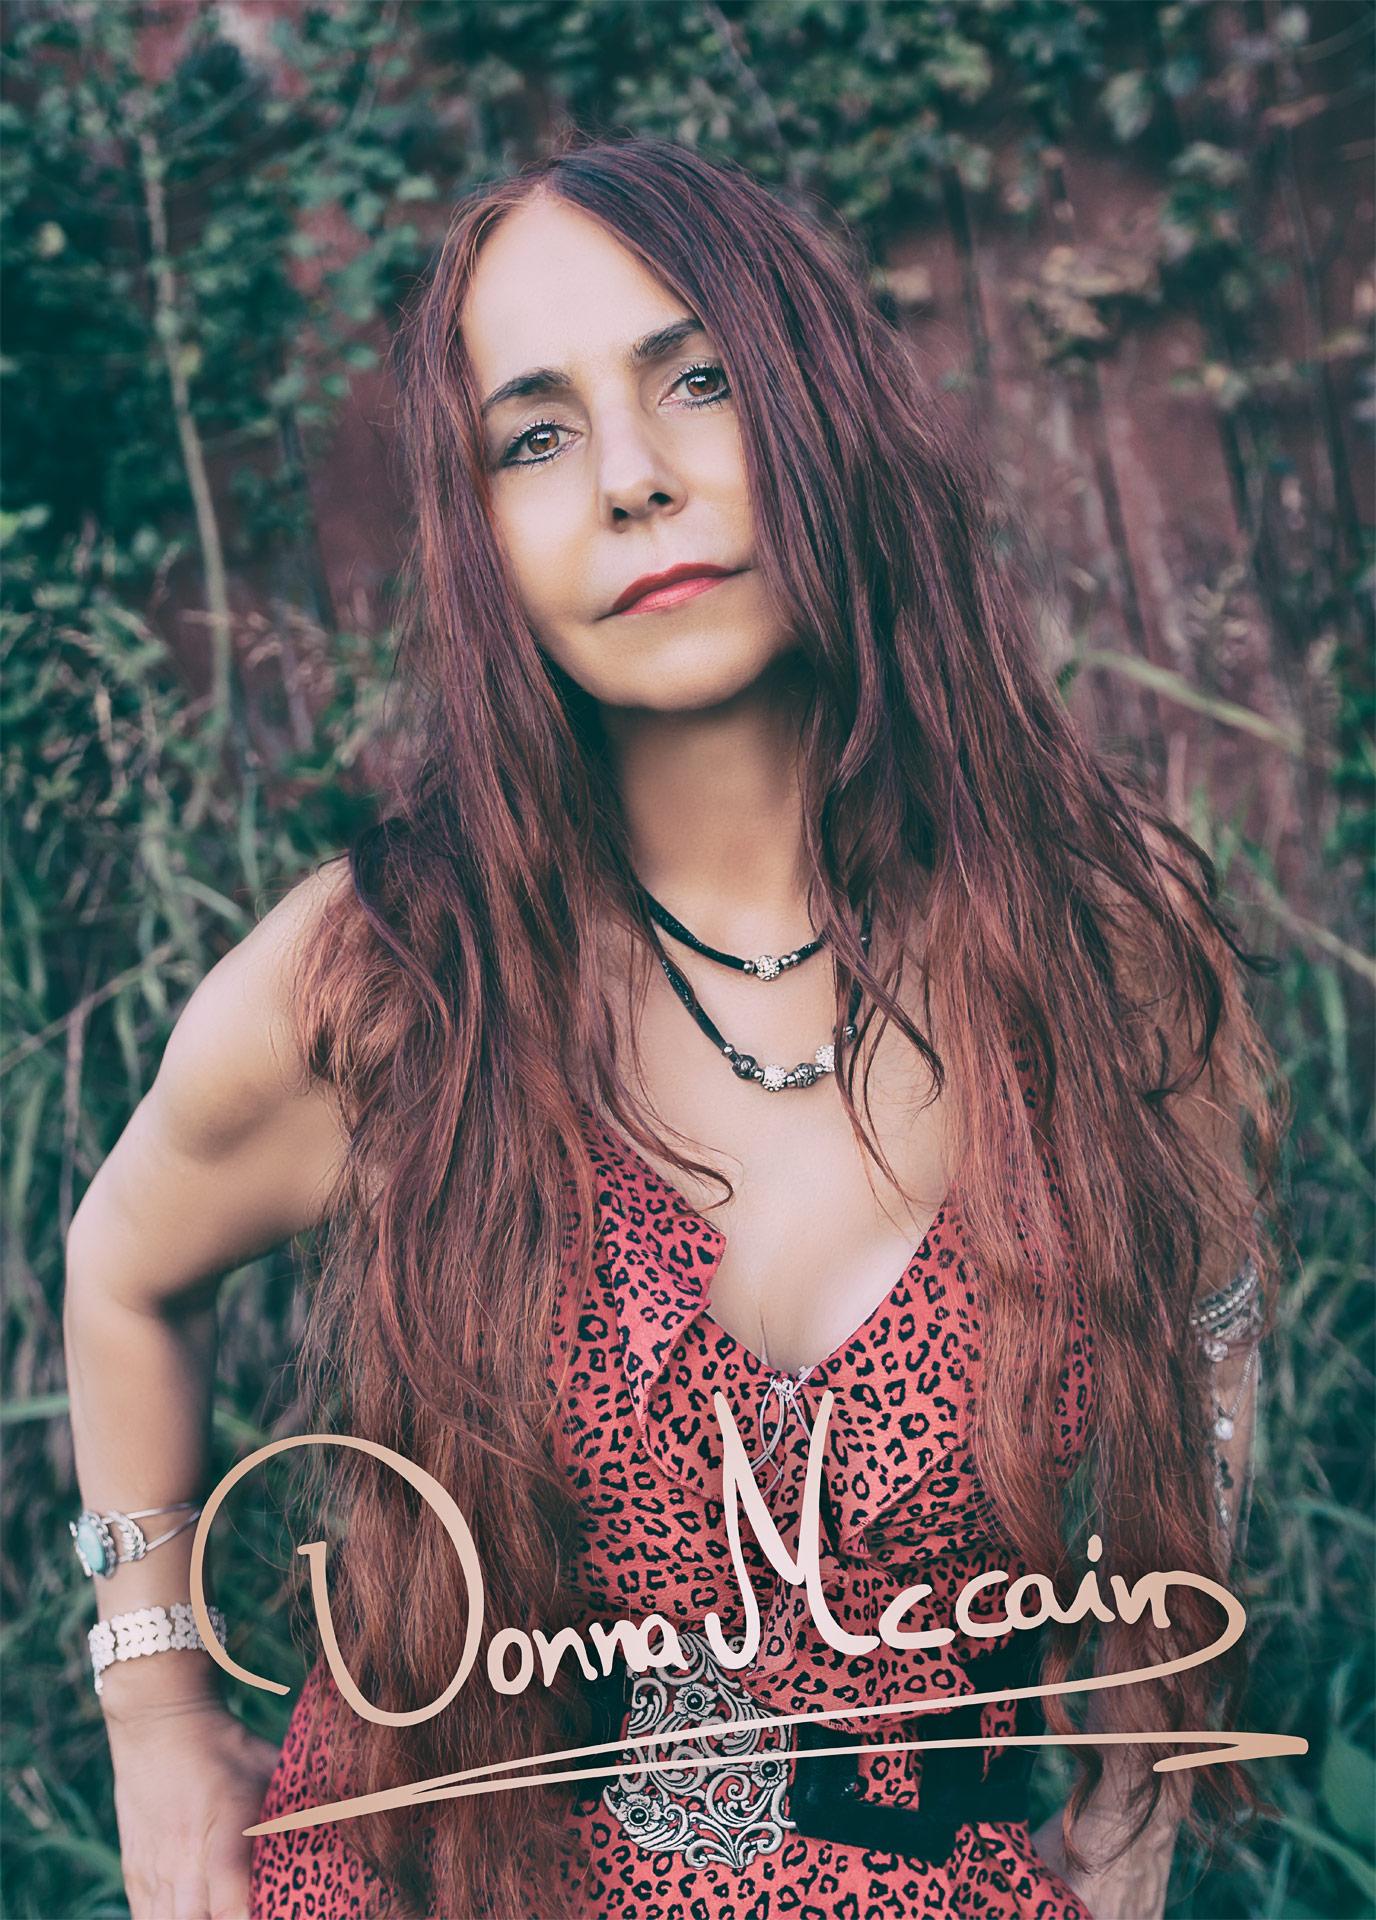 donna-mccain-2019-0003